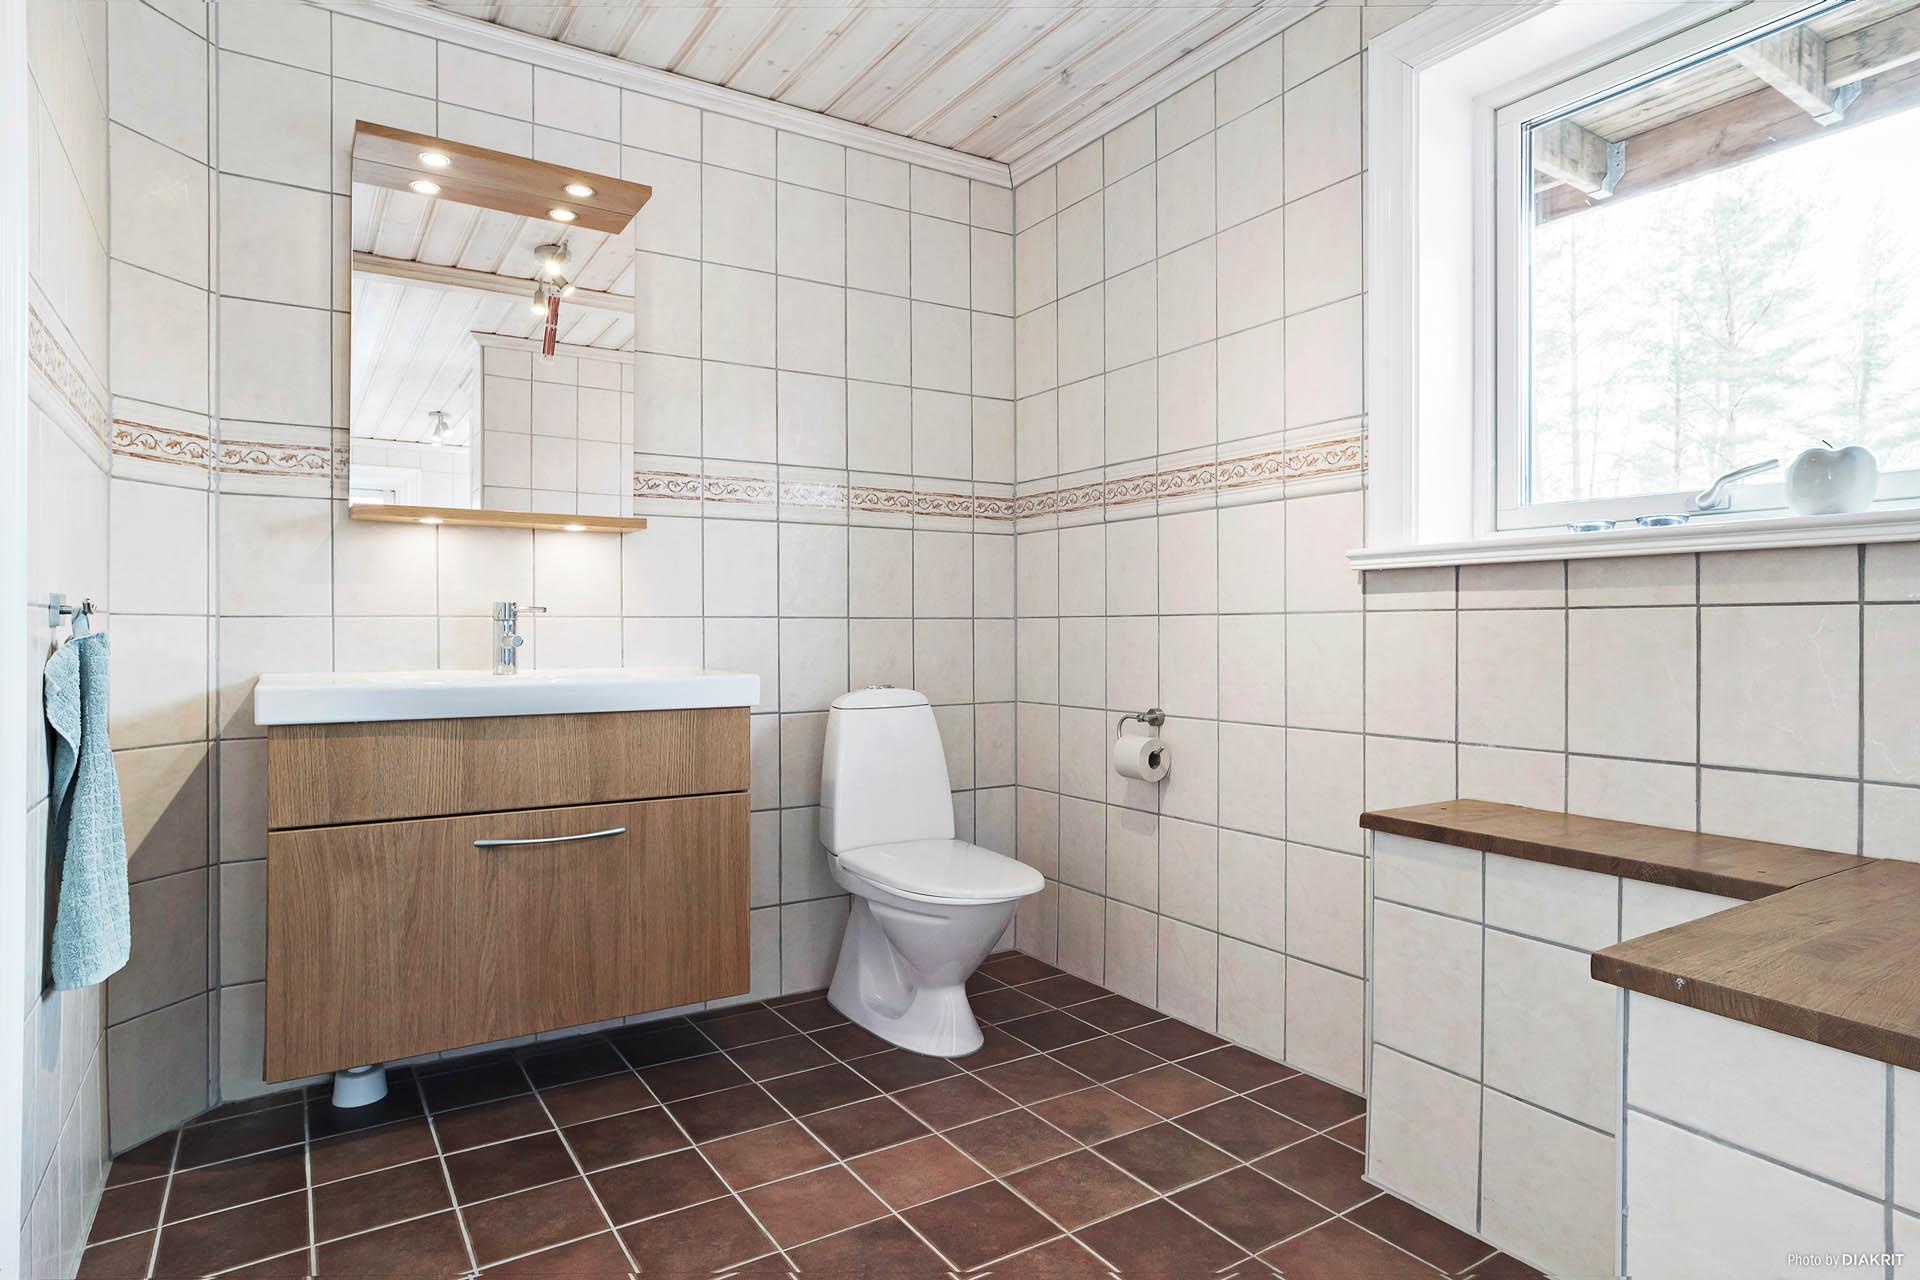 Helkaklad toalett med kommod i tvättstugan